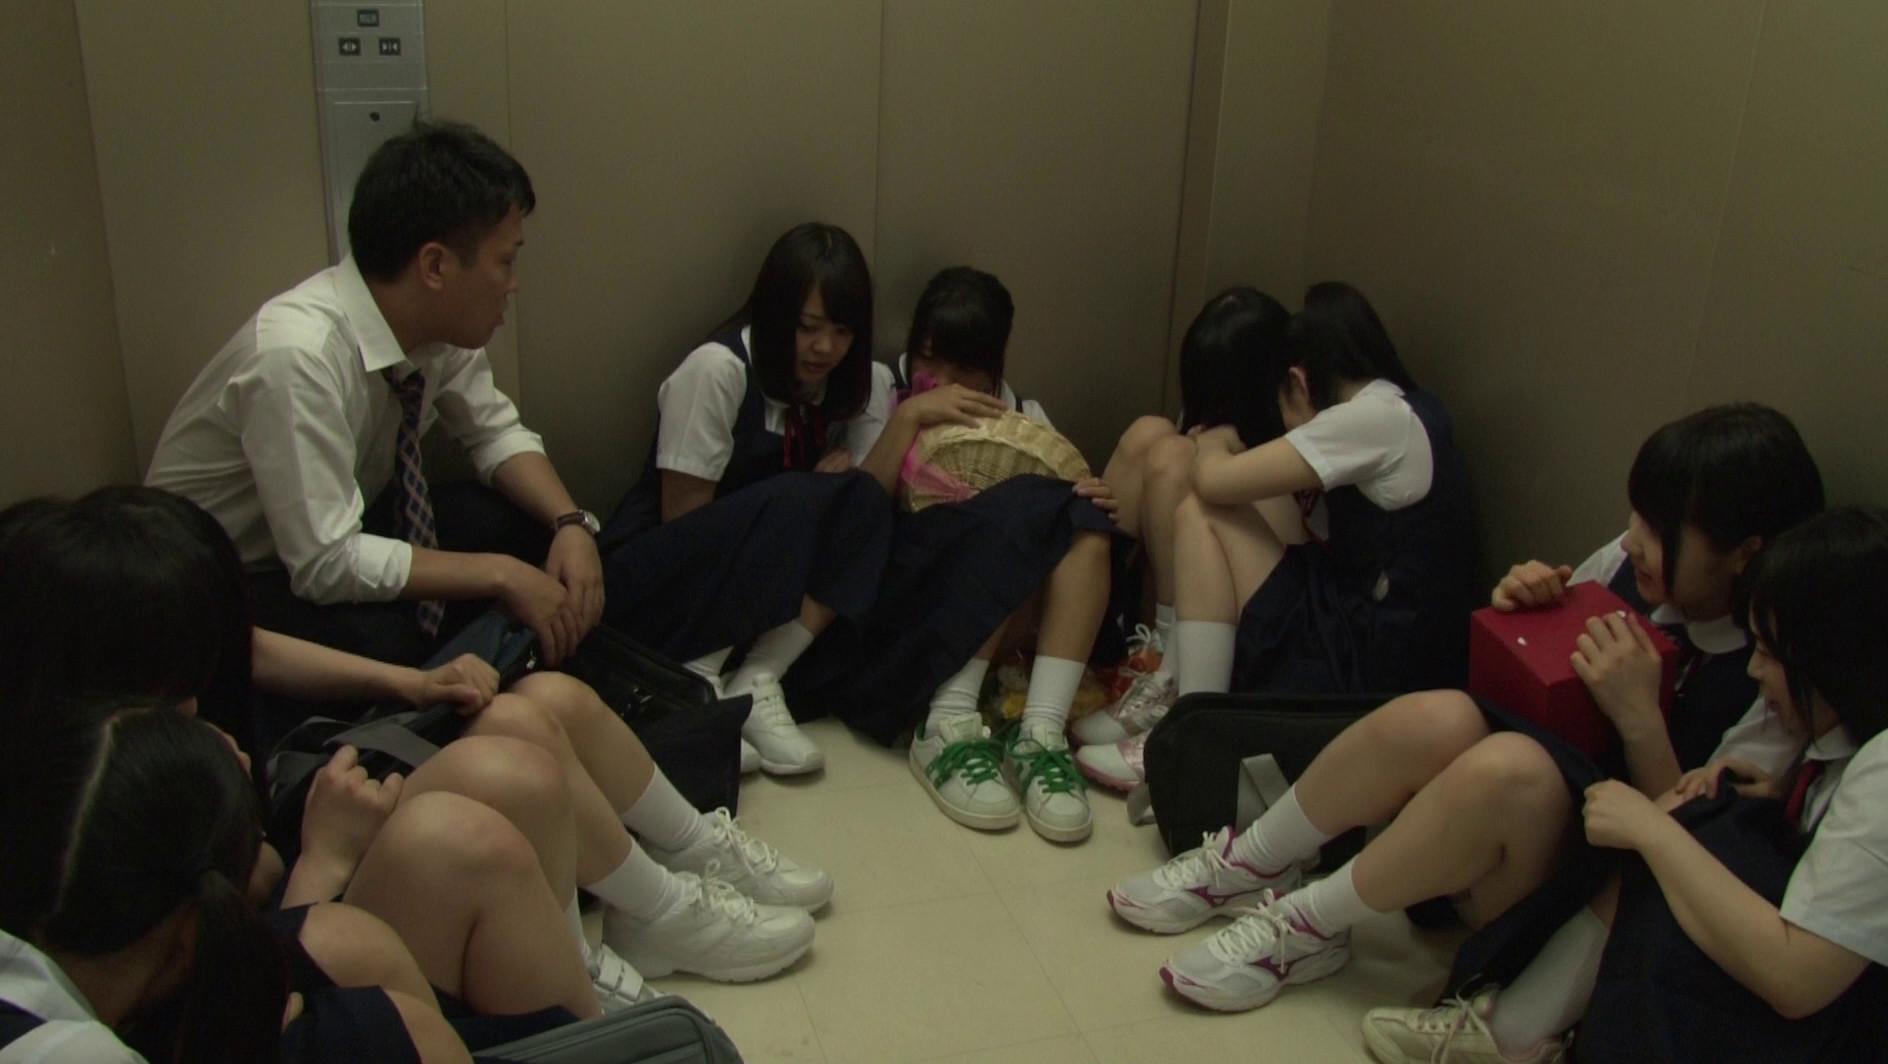 想像してみてください、あなたは教師。10人の純真無垢な●学生と突然エレベーターに閉じ込められたら・・・。あなたが生きている内にやり遂げたかった10のタブー 2 画像6